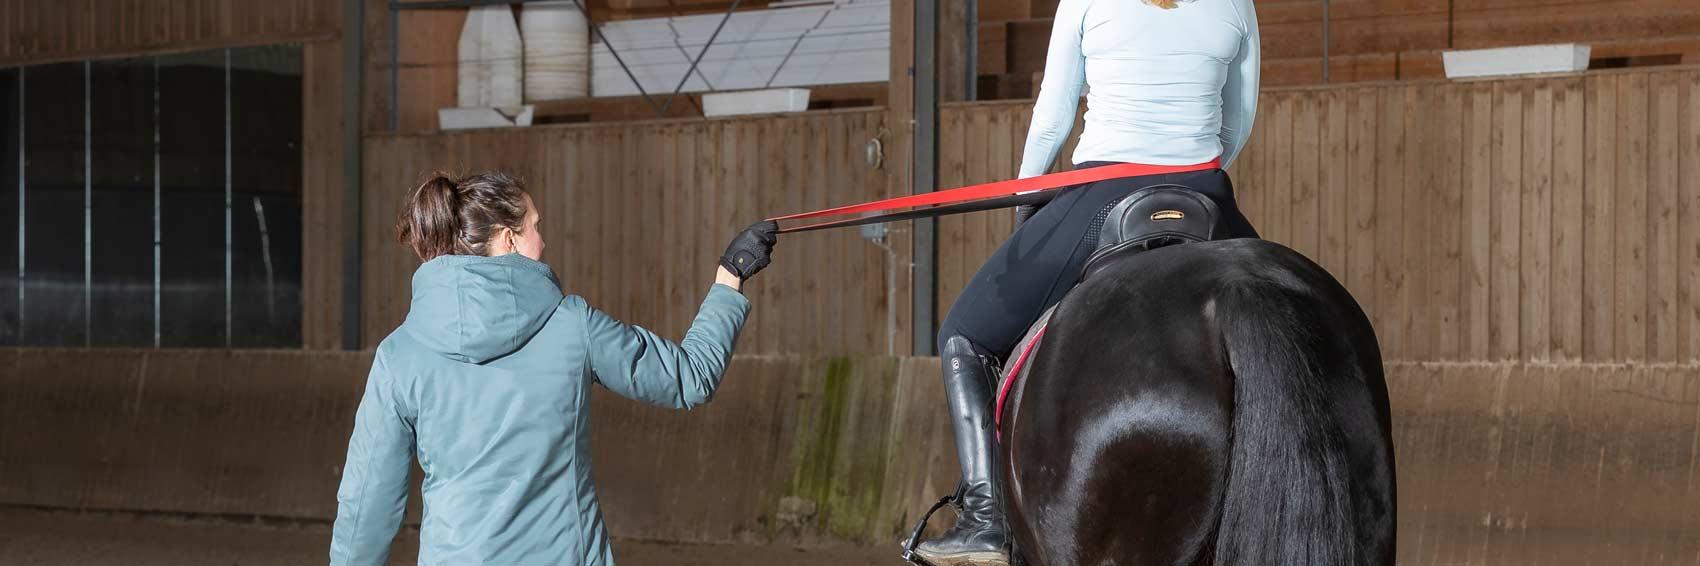 Sitzschulung für Reiter, Beispiel Theraband seitlich